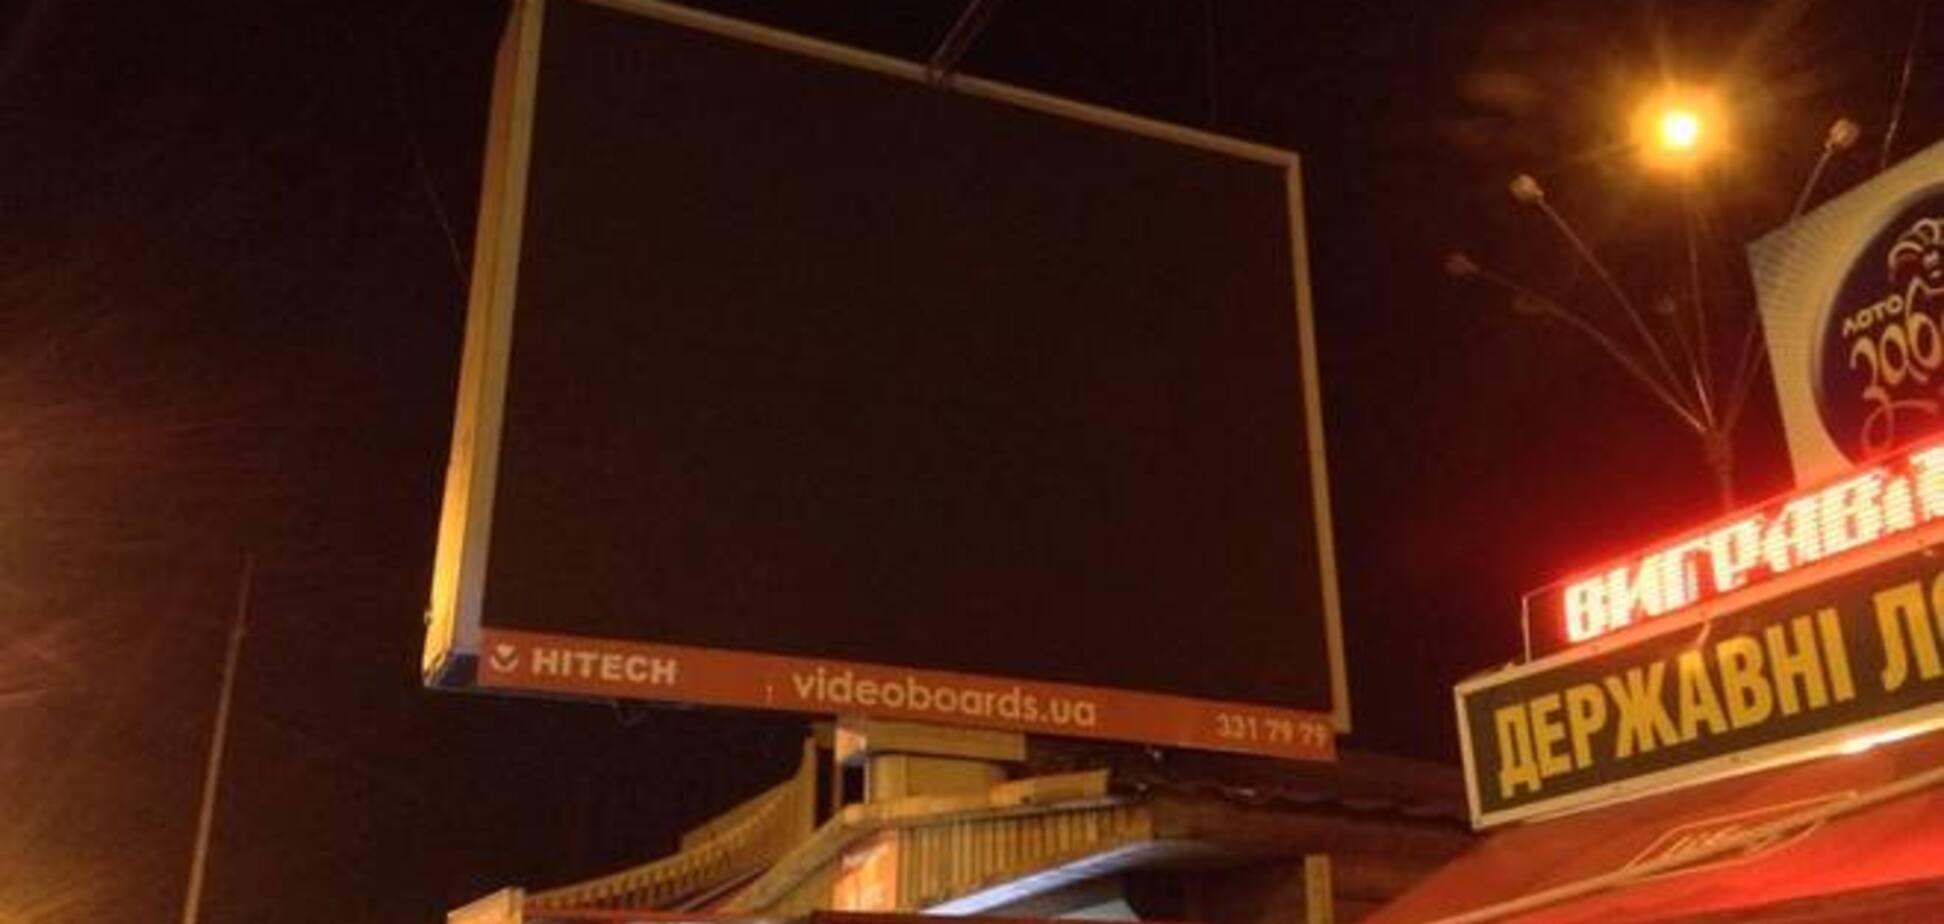 'Киберберкут' взломал билборды в Киеве: показывают фото трупов и политическую антирекламу